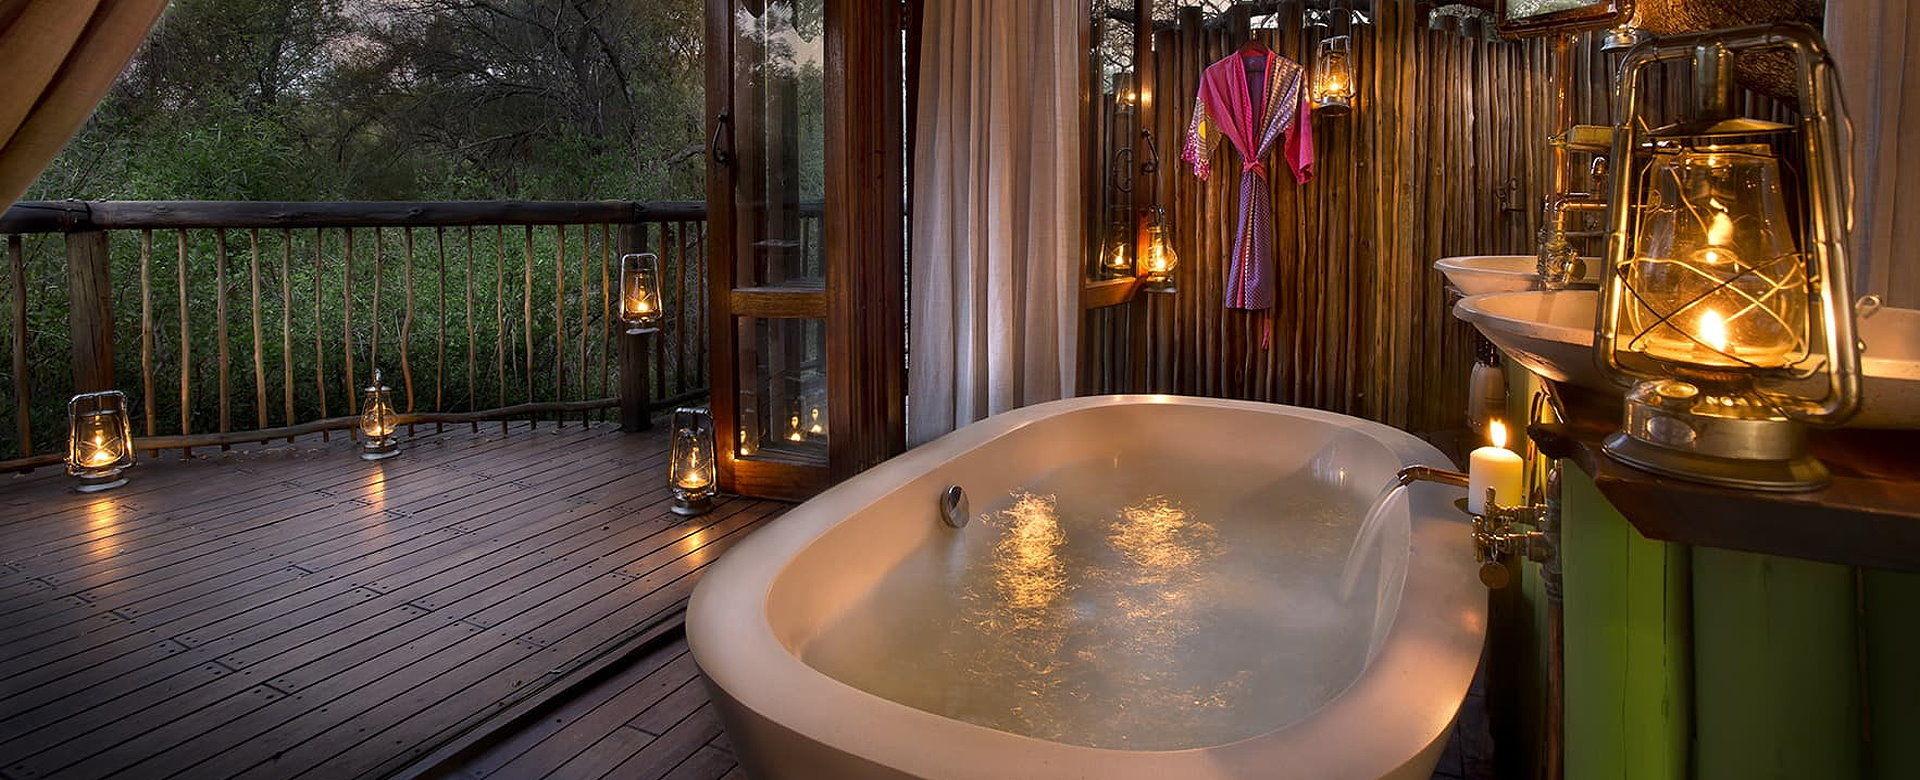 Exclusive Private Safaris - Bath